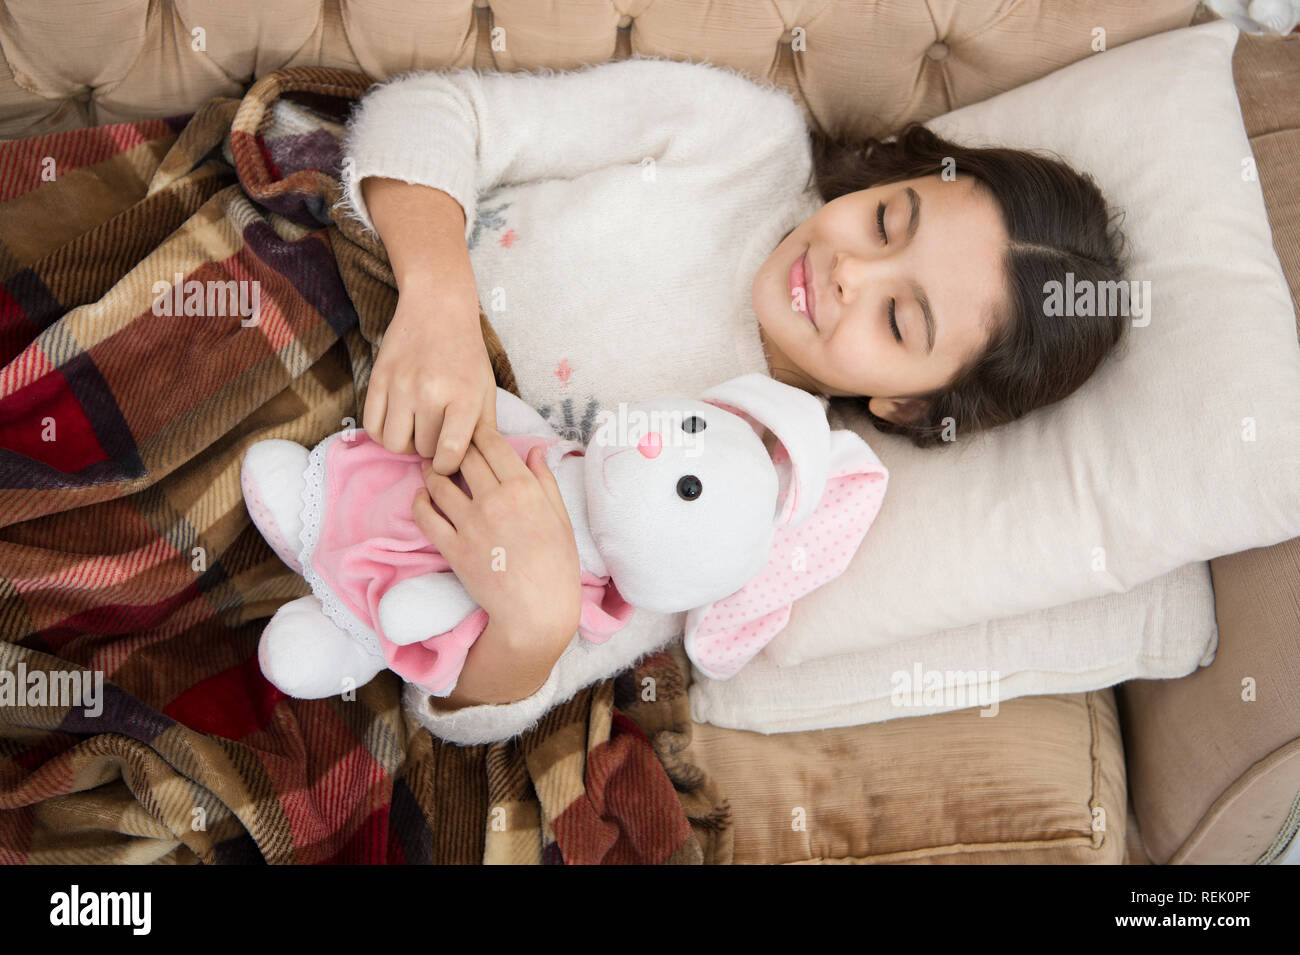 Kindheit Glück Gute Nacht Kleine Mädchen Süße Träume